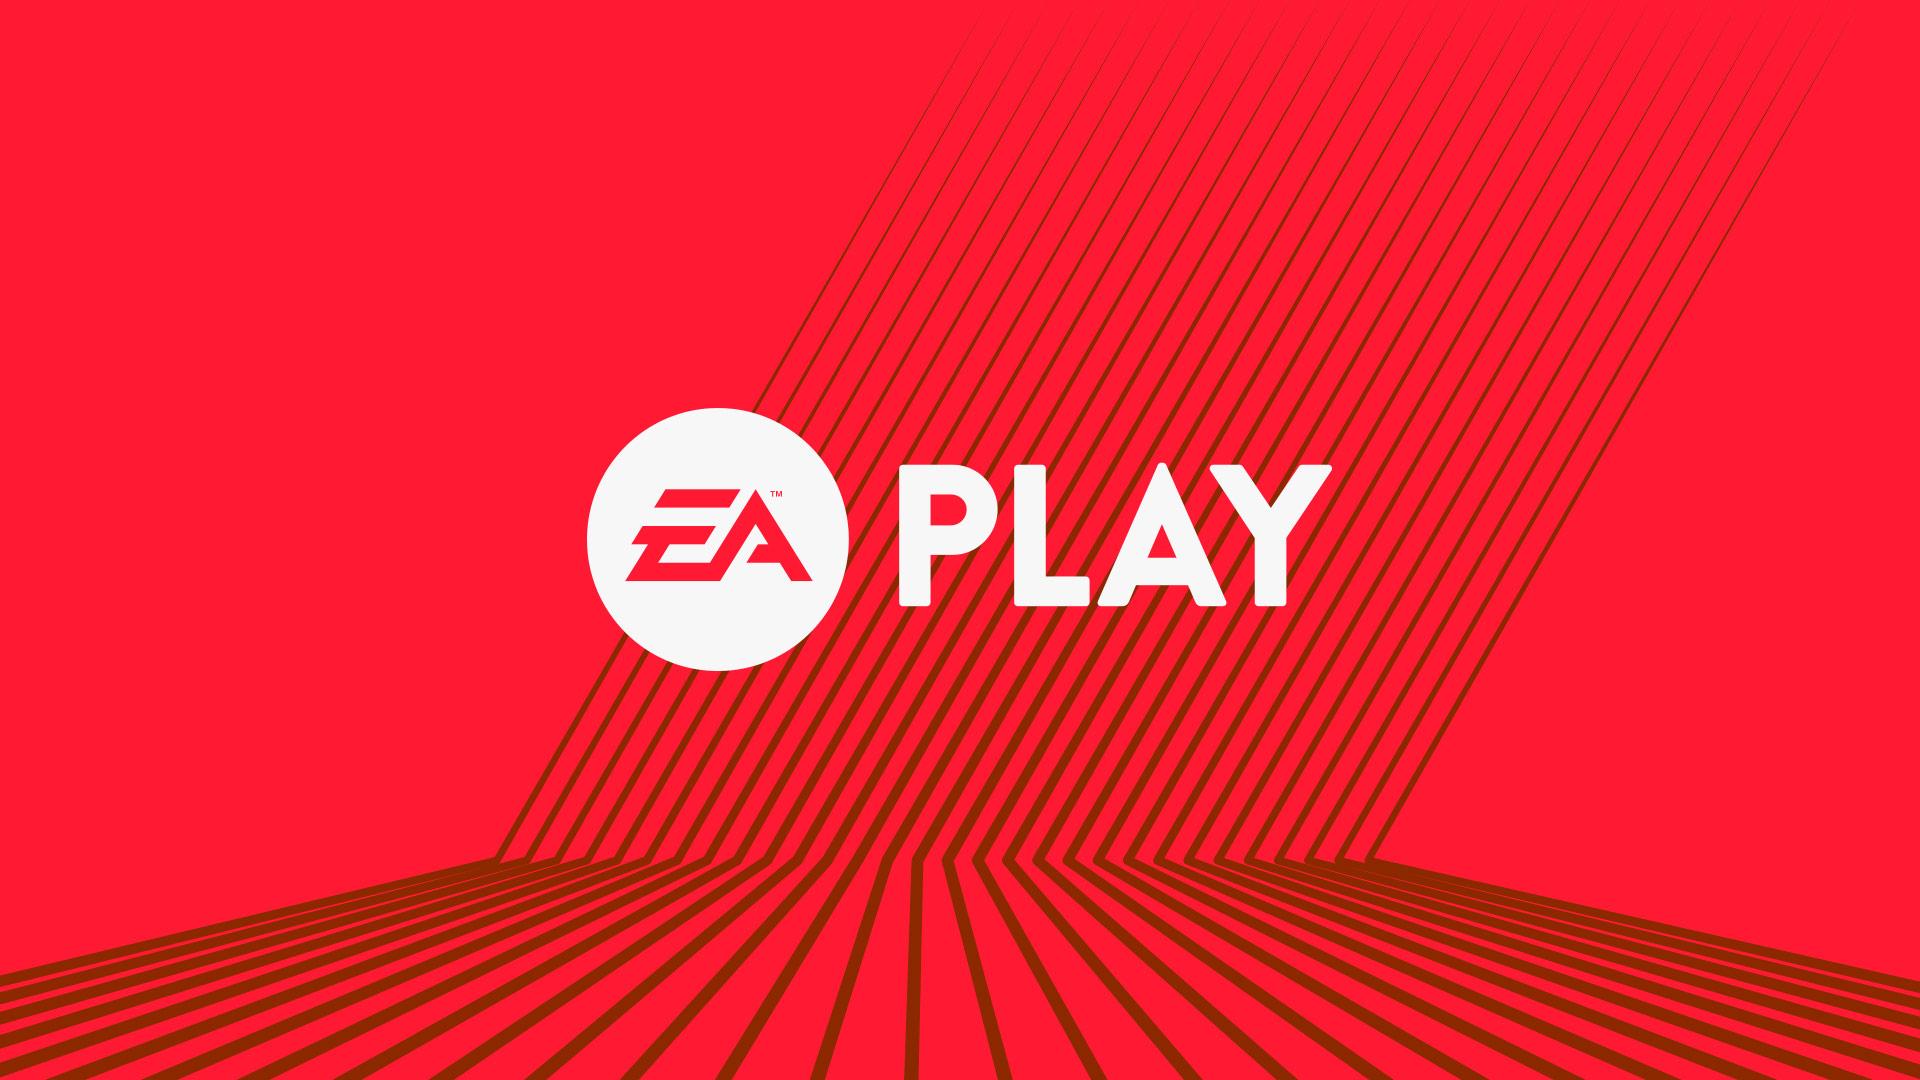 ea play 1